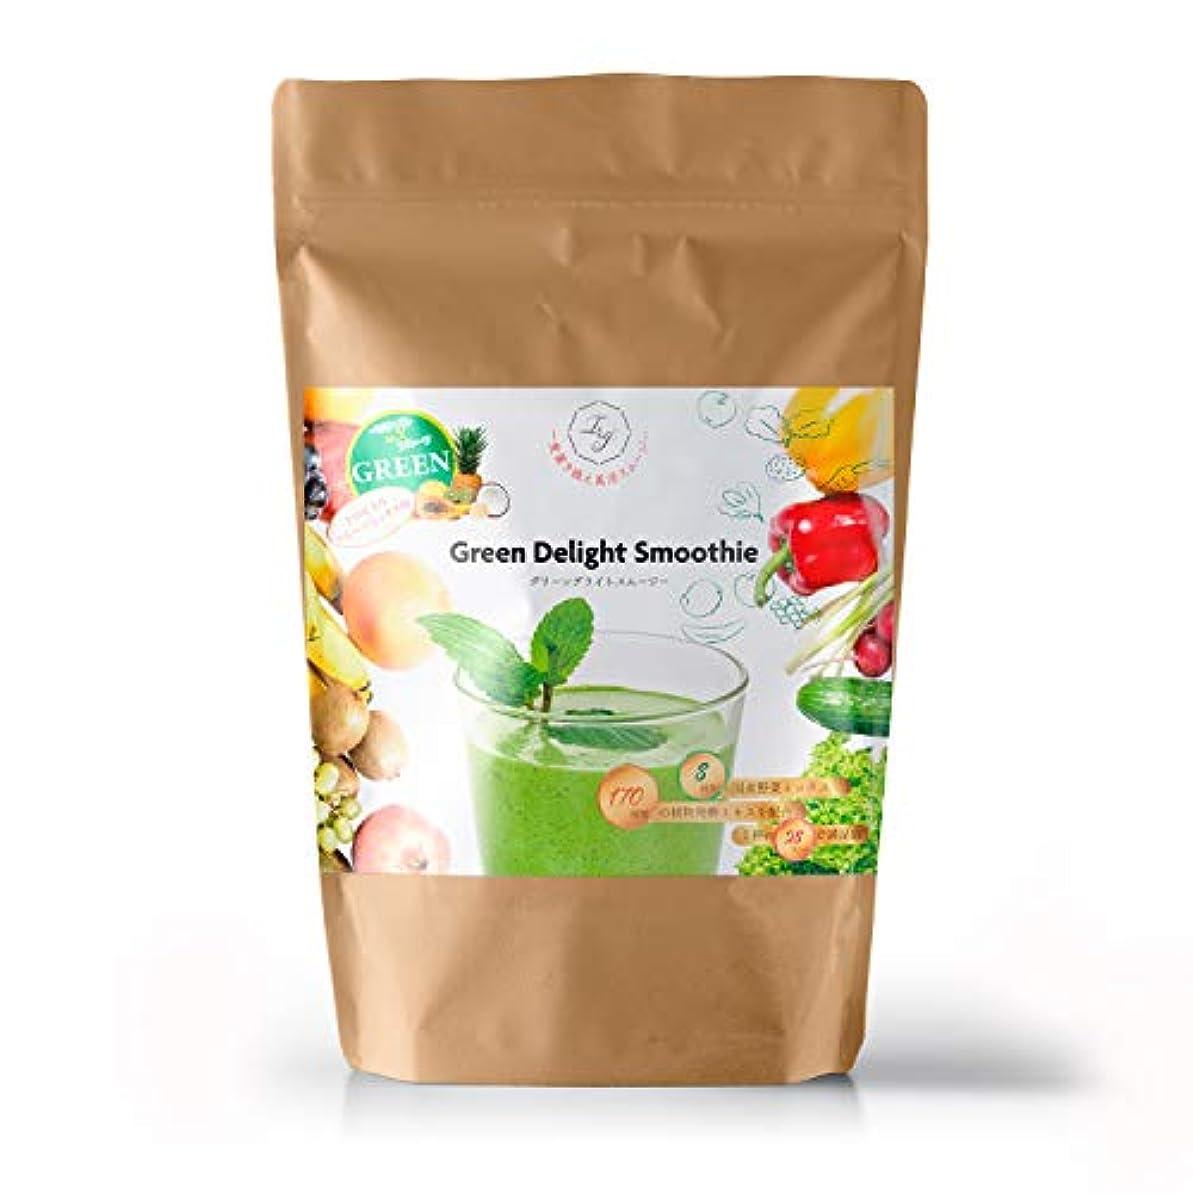 学者不振定常Green Delight Smoothie(グリーンディライトスムージー)置き換え スムージーダイエット 植物酵素 乳酸菌 チアシード トロピカルフルーツ【安心の国内産】